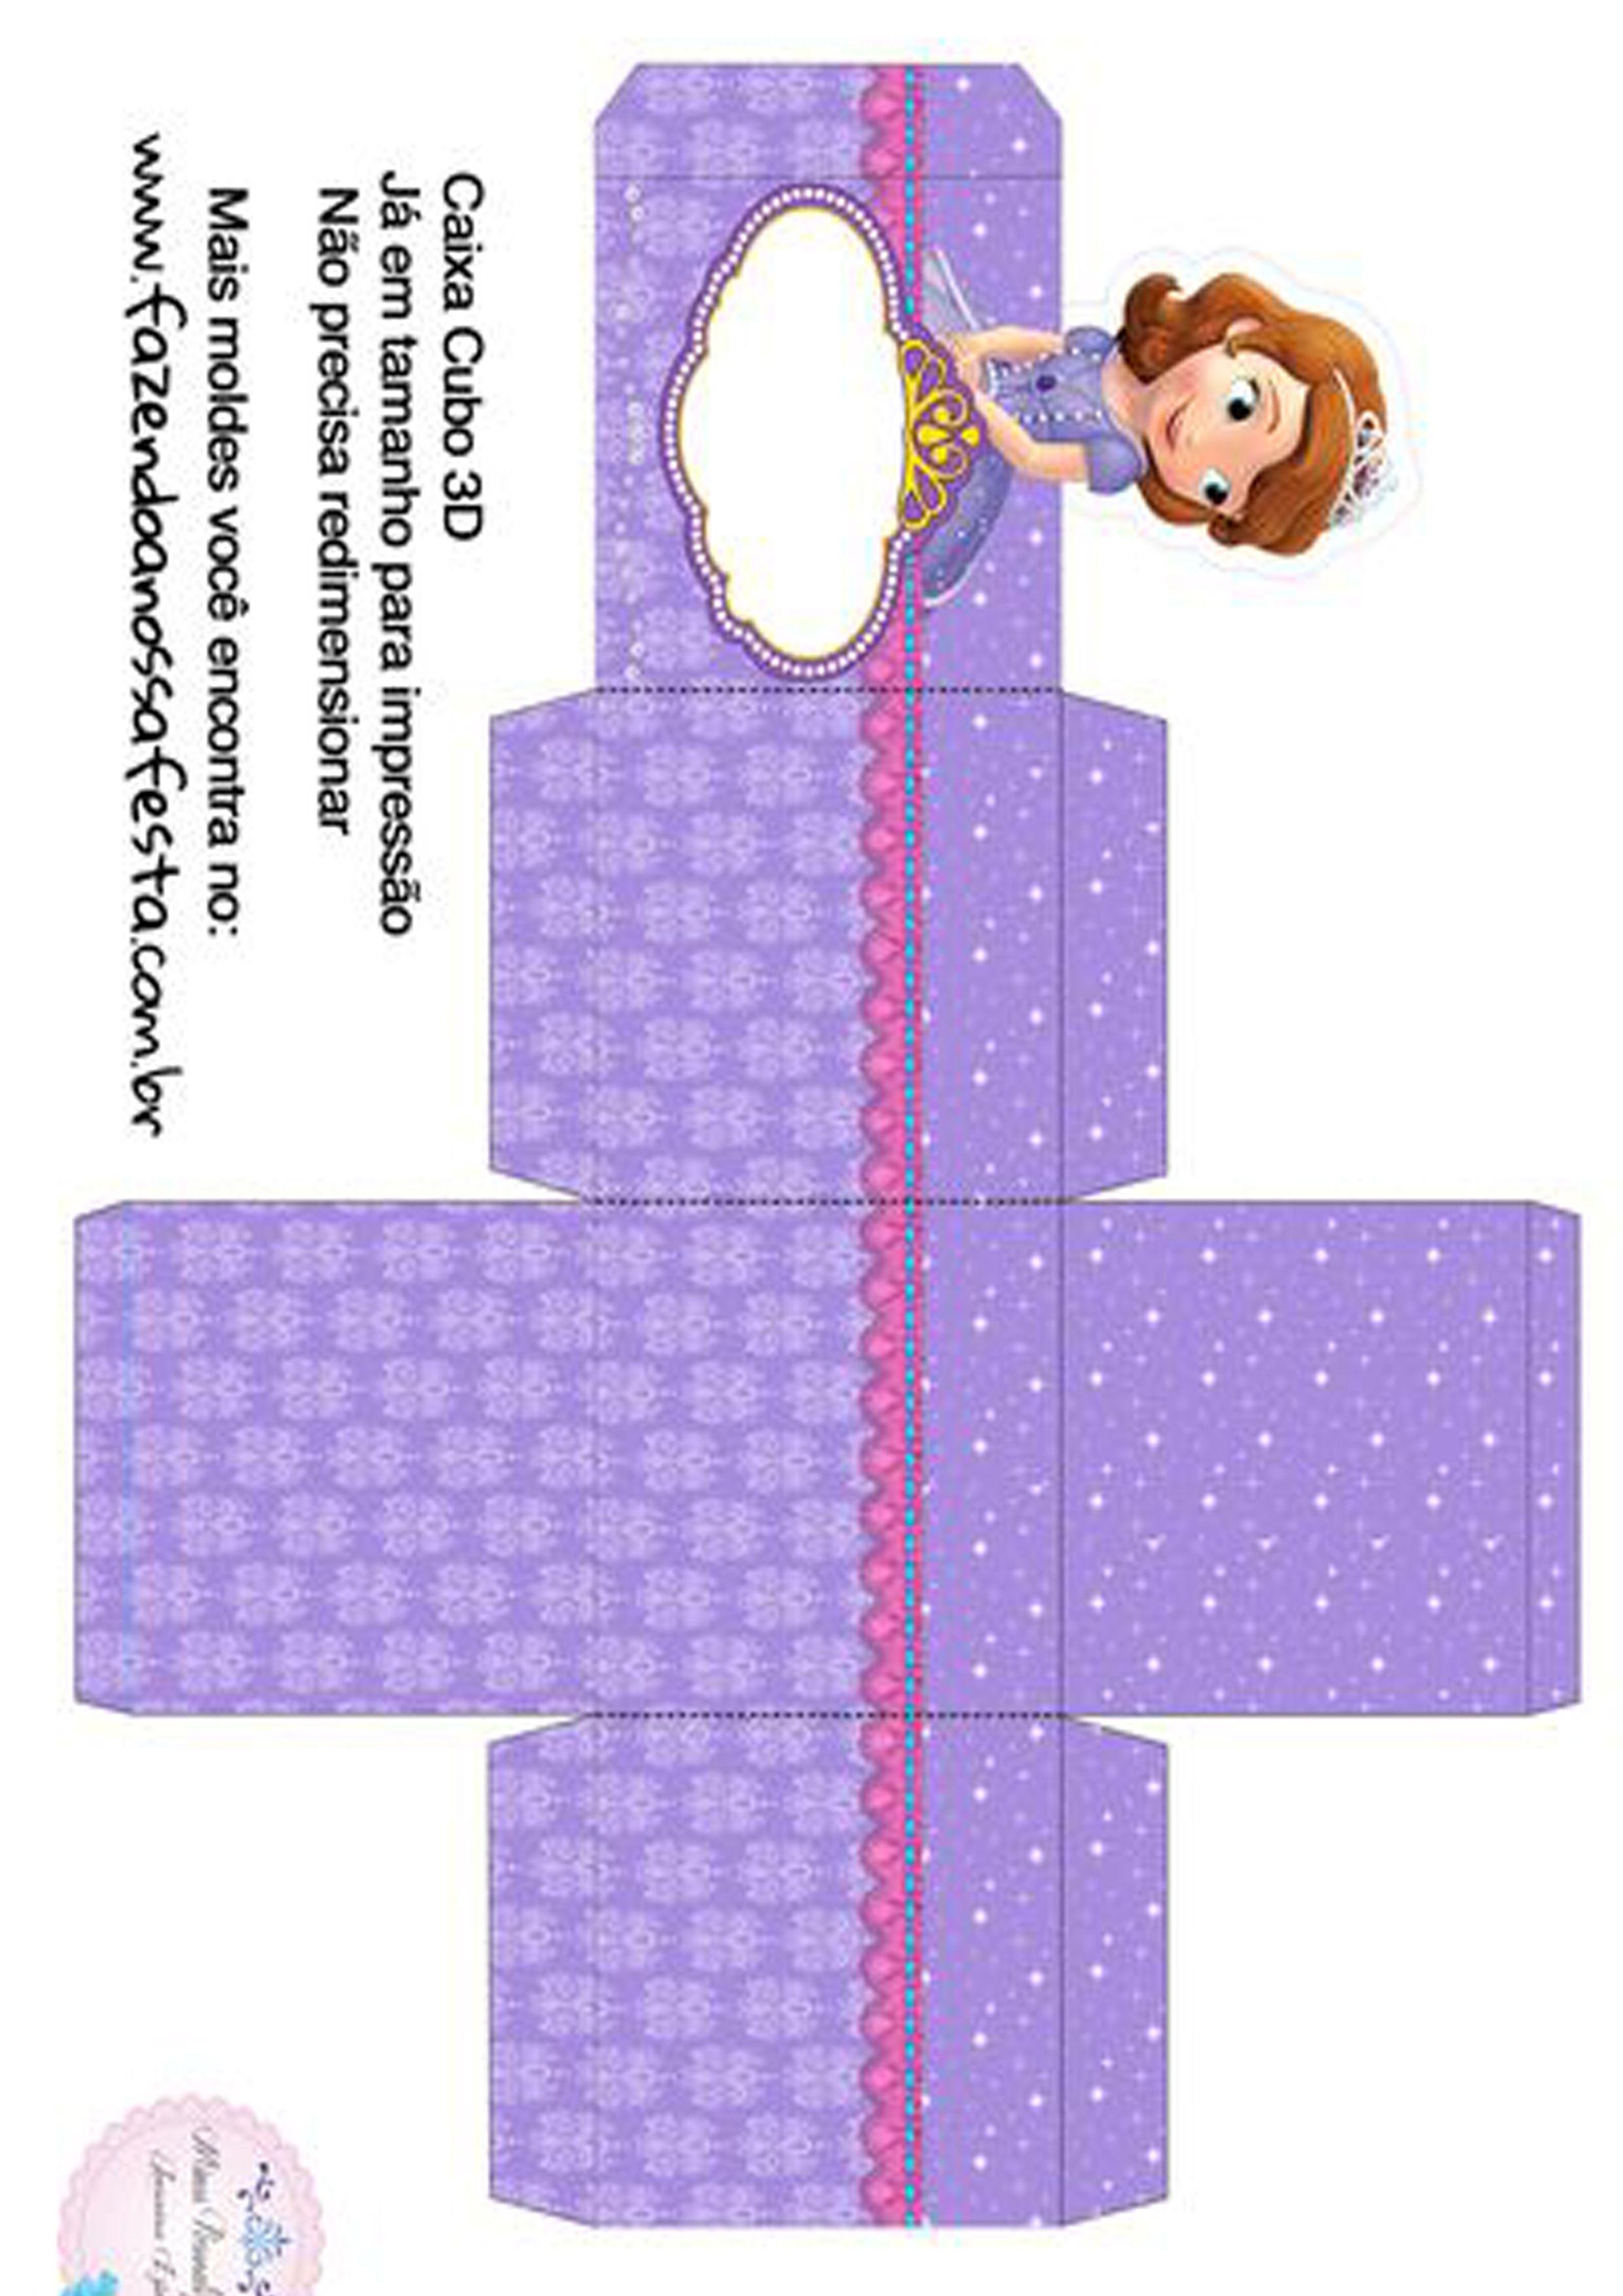 قالب جاهز للطباعة توزيعات للبنات Eid Stickers Eid Cards Heart Box Template